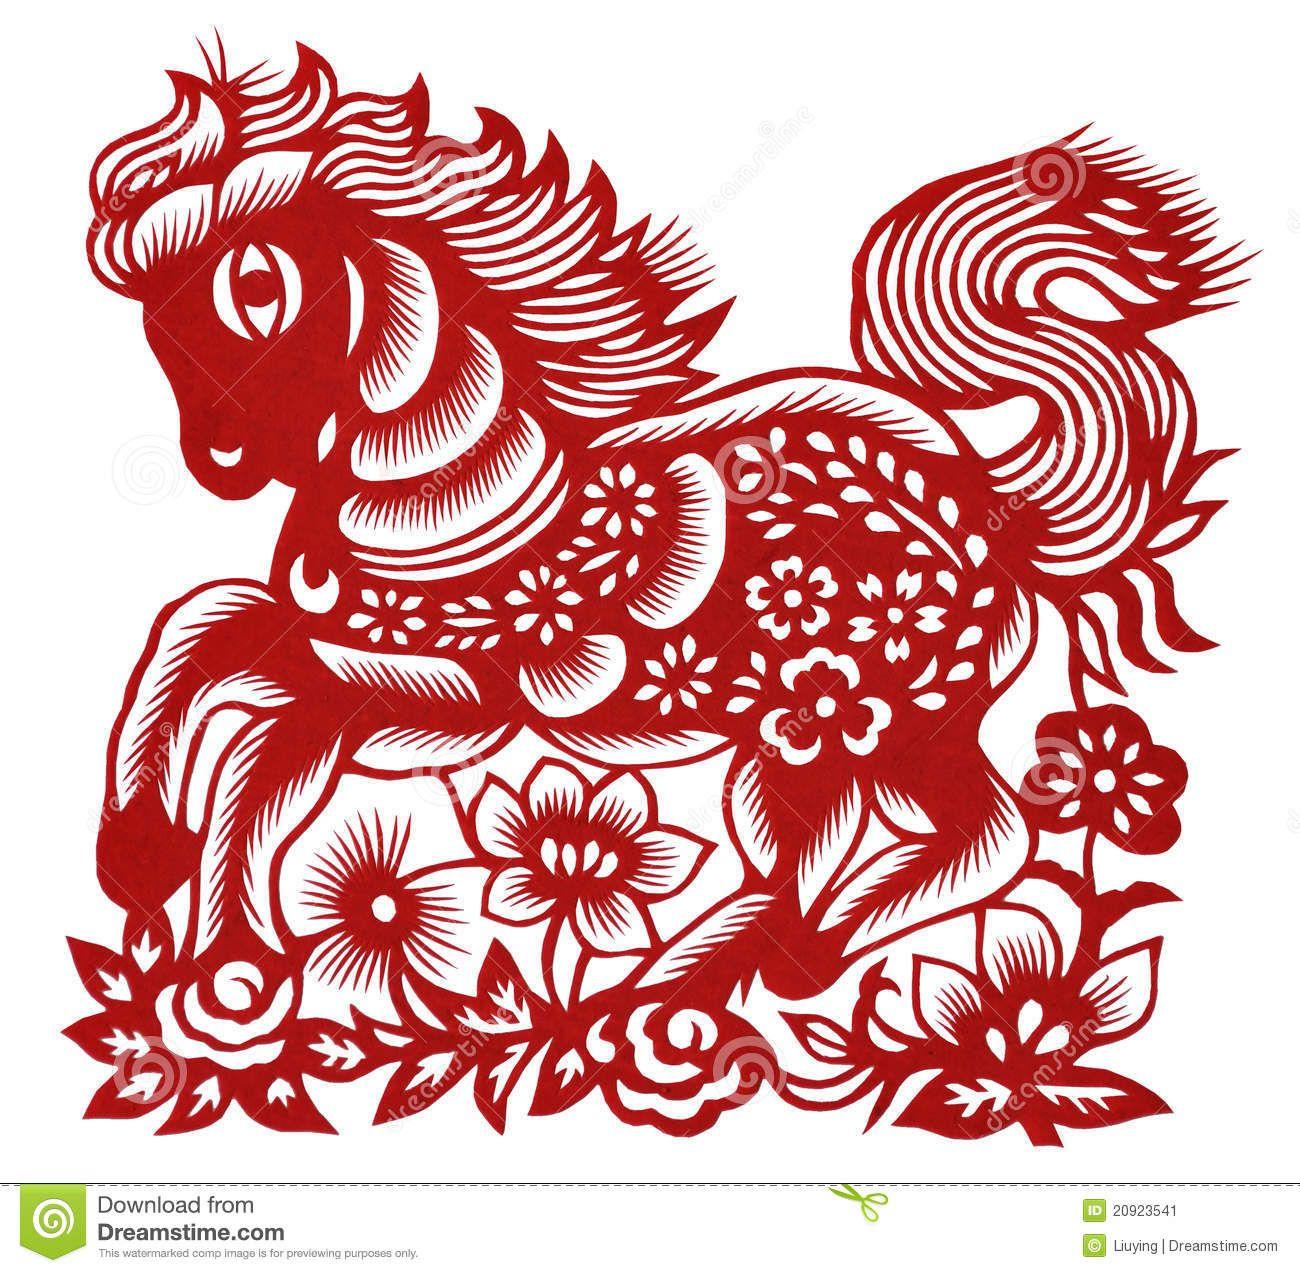 Httpthumbsdreamstimezisolated chinese paper cutting year the horse paper cut chinese zodiac chinesezodiac biocorpaavc